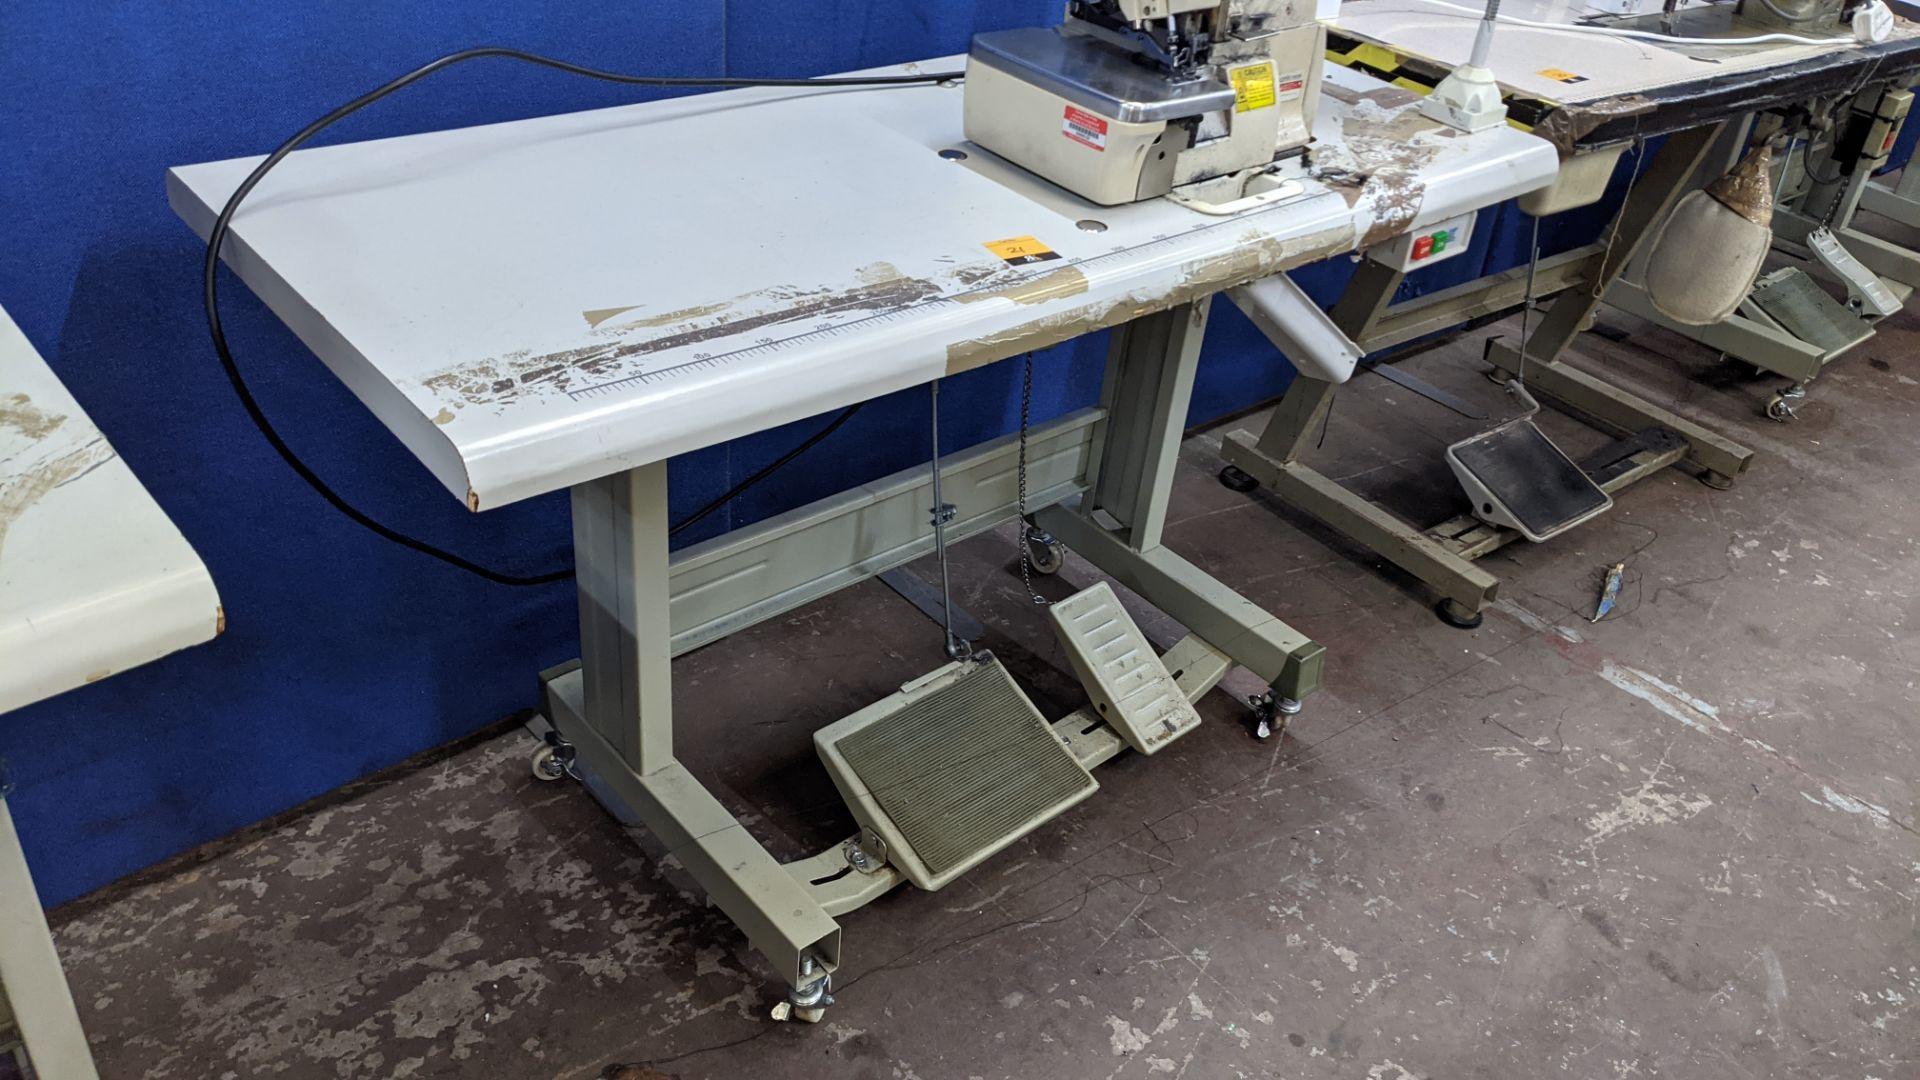 Yingon 788 series overlocker model YG788-4-13 - Image 11 of 16